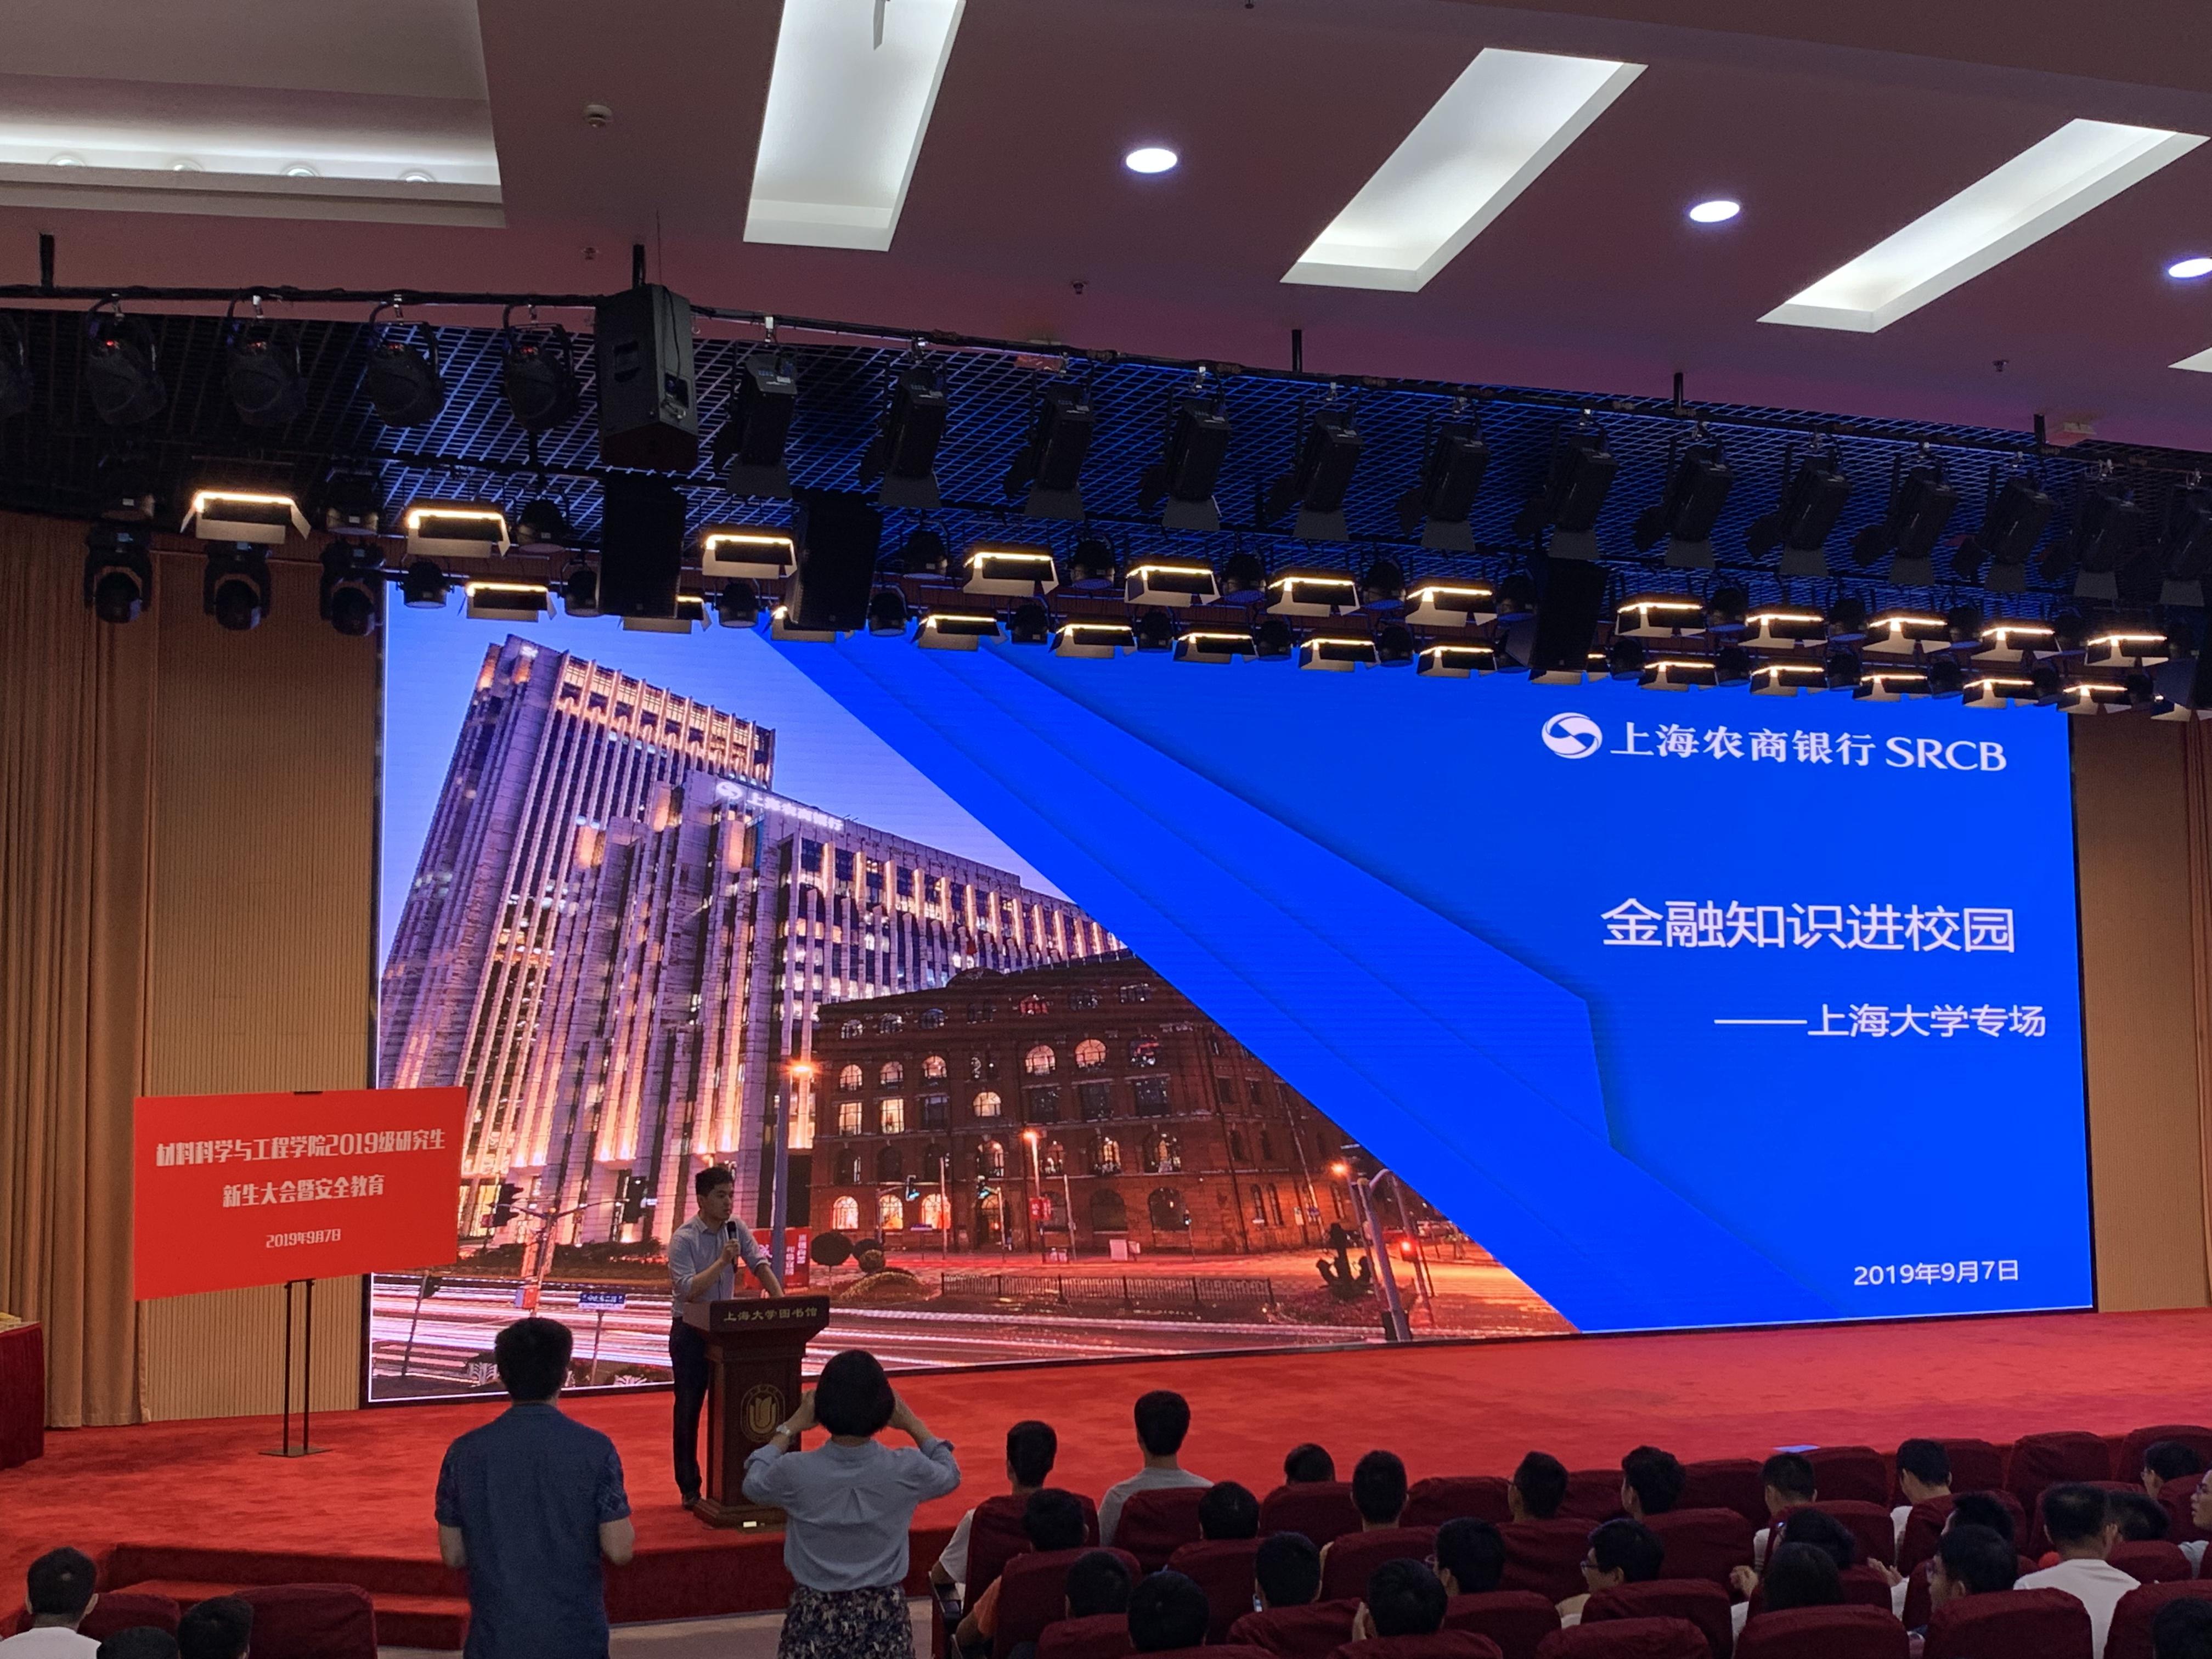 上海农商银行开展金融知识普及活动